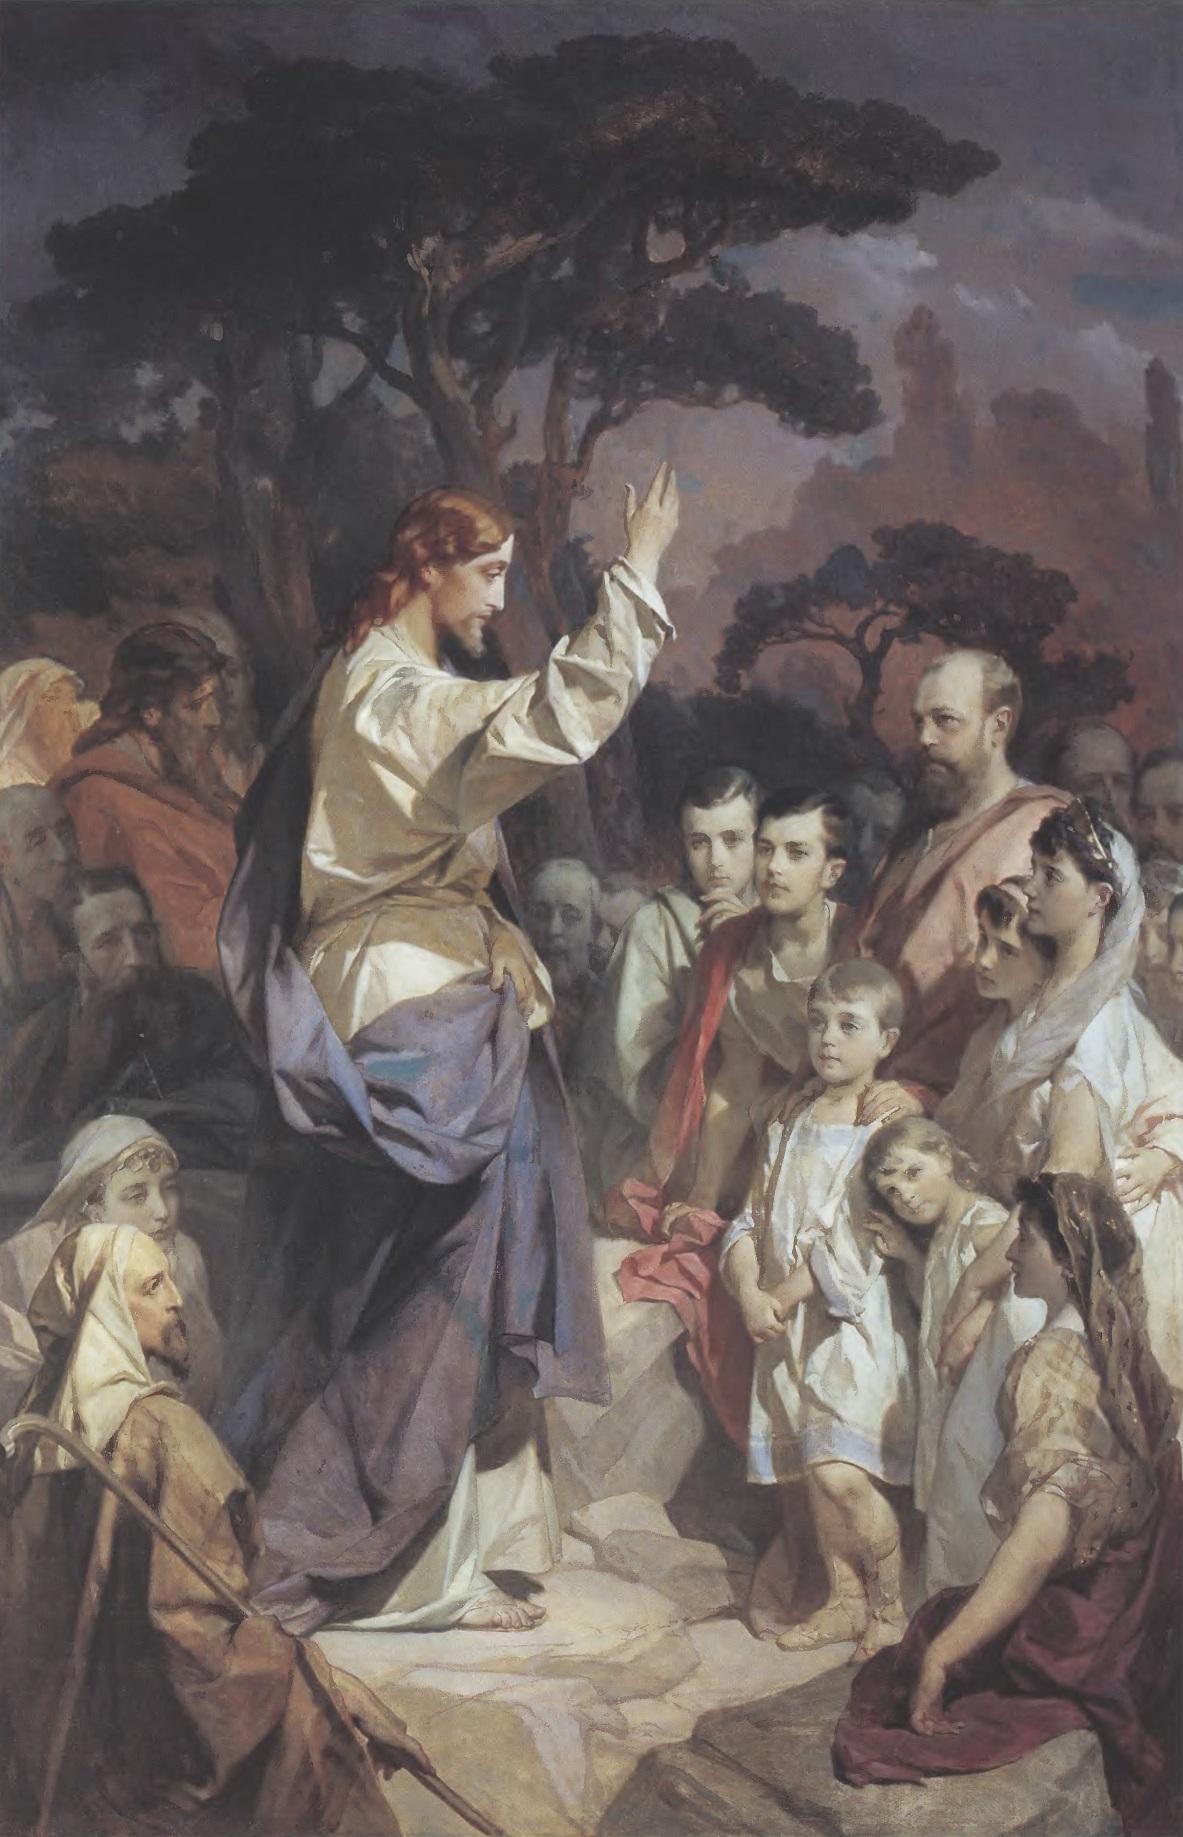 ИВАН МАКАРОВ. Нагорная проповедь. Около 1890 Холст, масло 235 х 155 см. Государственный музей истории религии, Санкт-Петербург